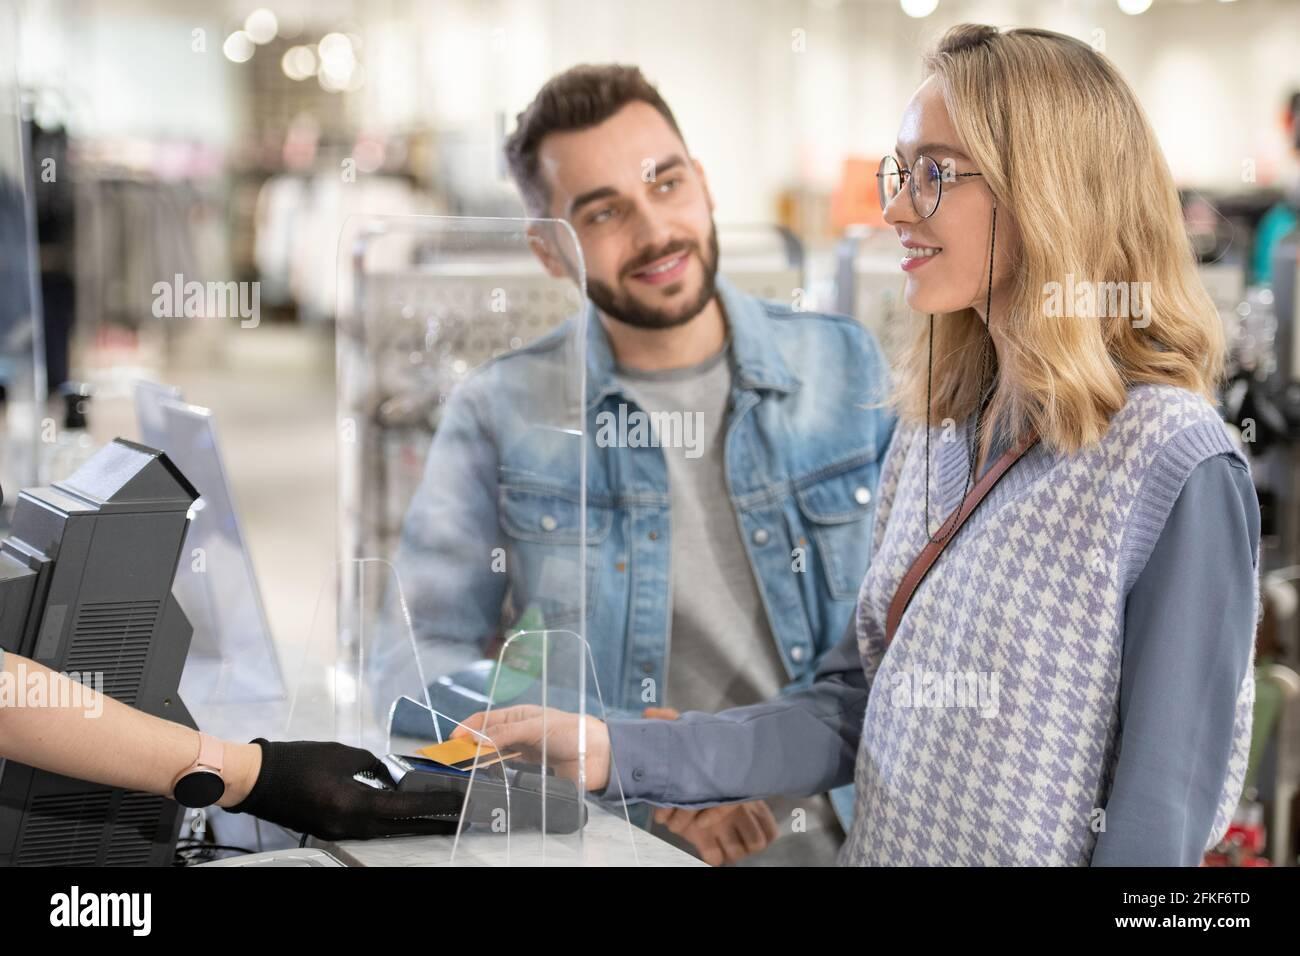 Un homme et une femme qui paient pour les vêtements pendant le shopping dans le grand magasin Banque D'Images